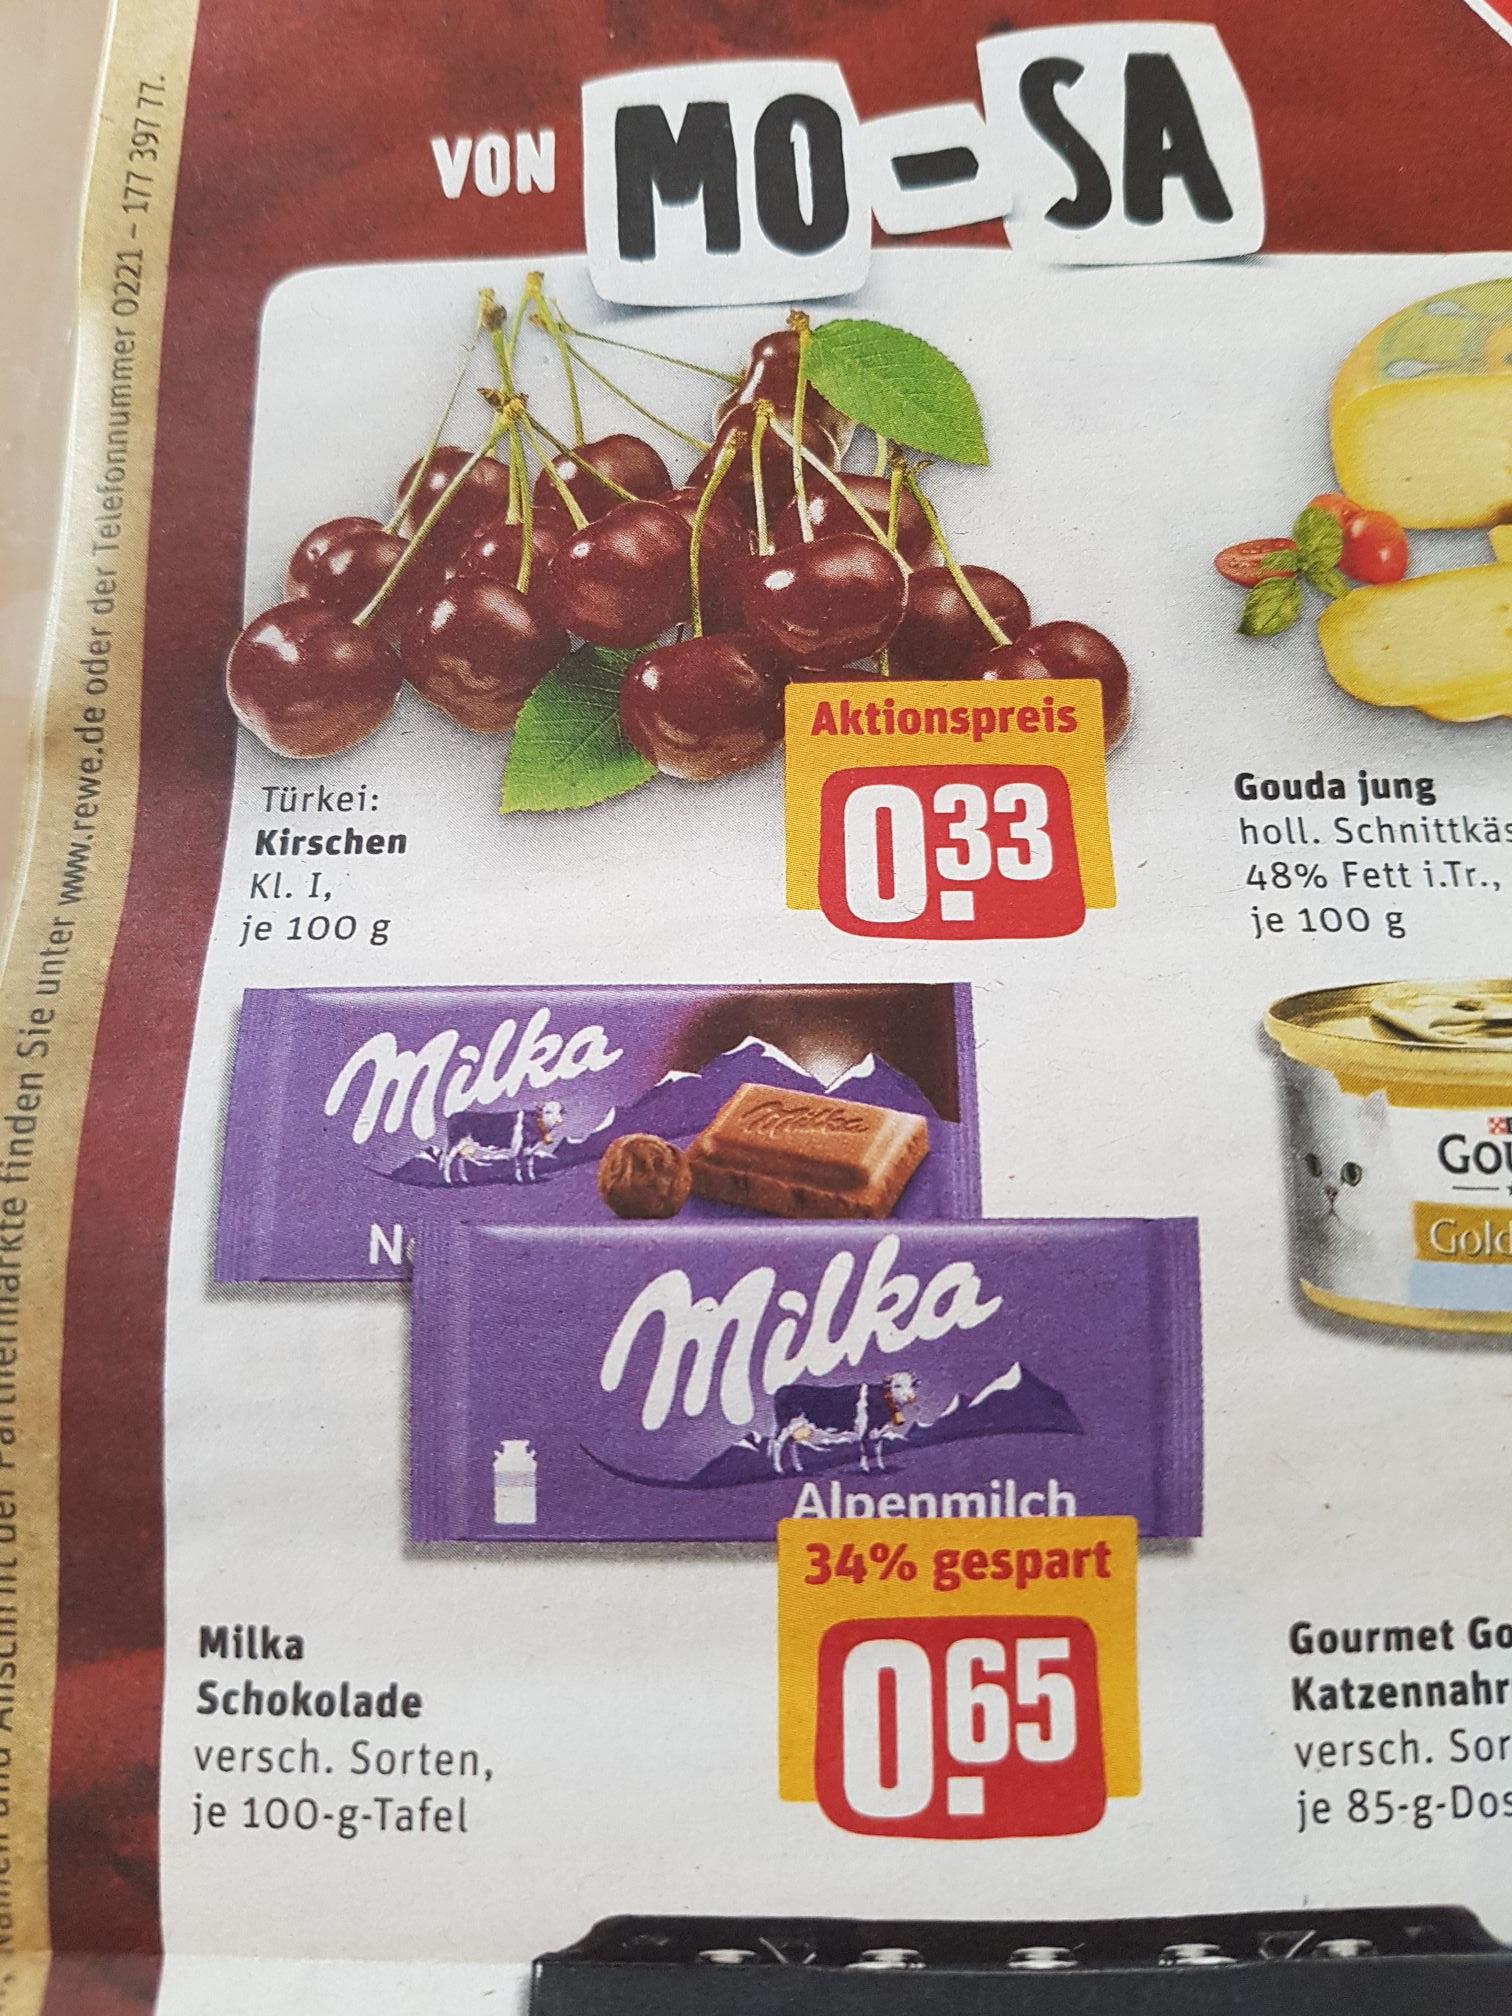 [REWE] Kirschen und Milka-Schokolade zu gutem Kurs